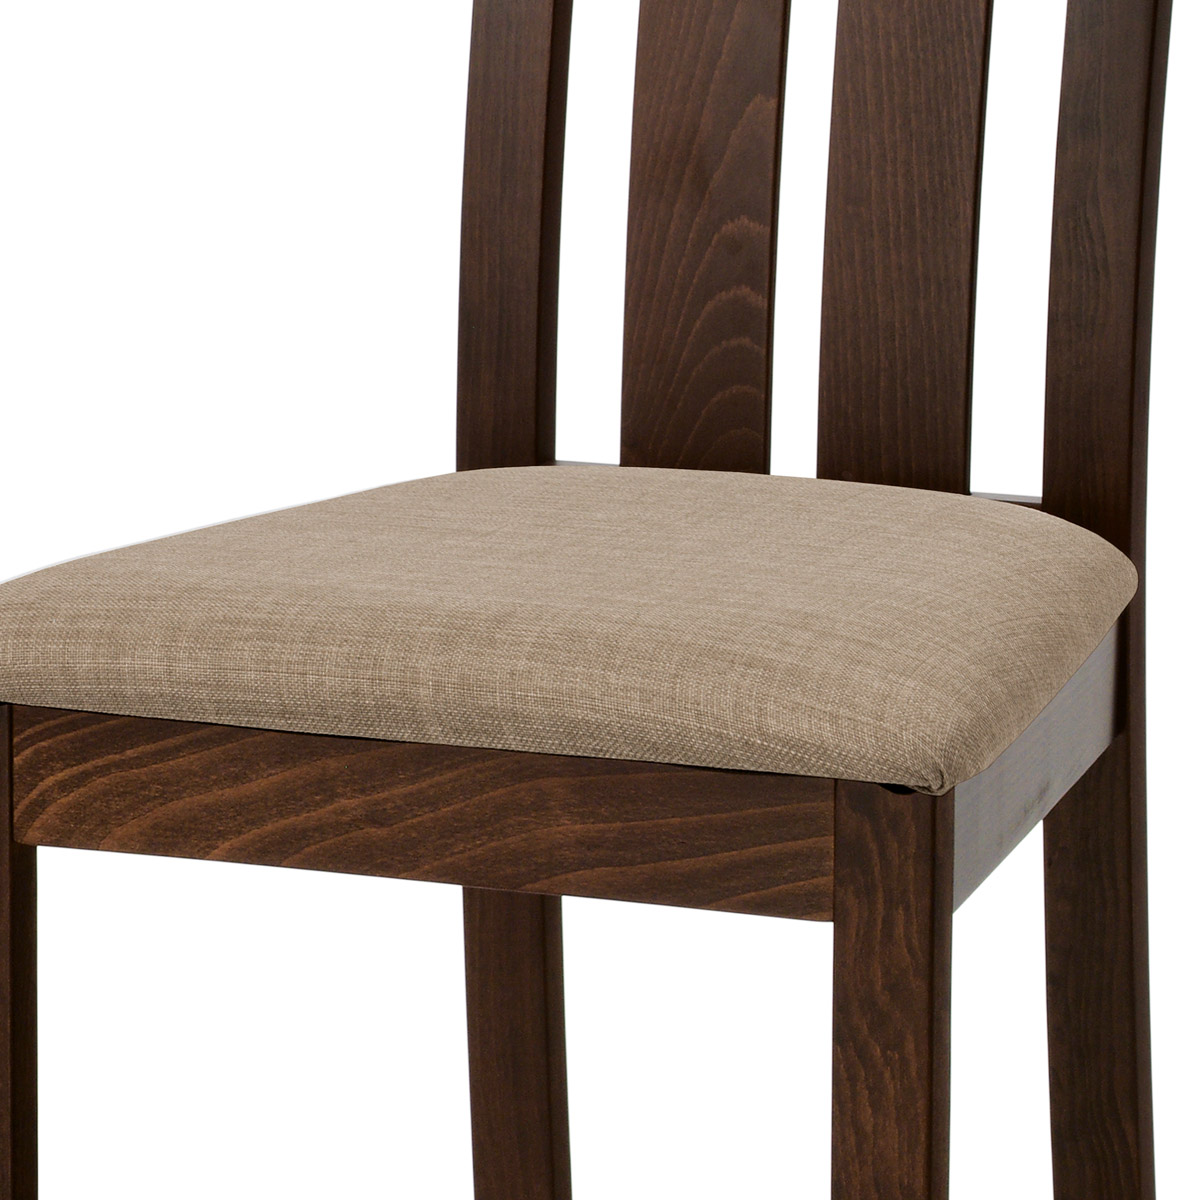 Jídelní židle, masiv buk, barva ořech, látkový béžový potah - BC-2602 WAL